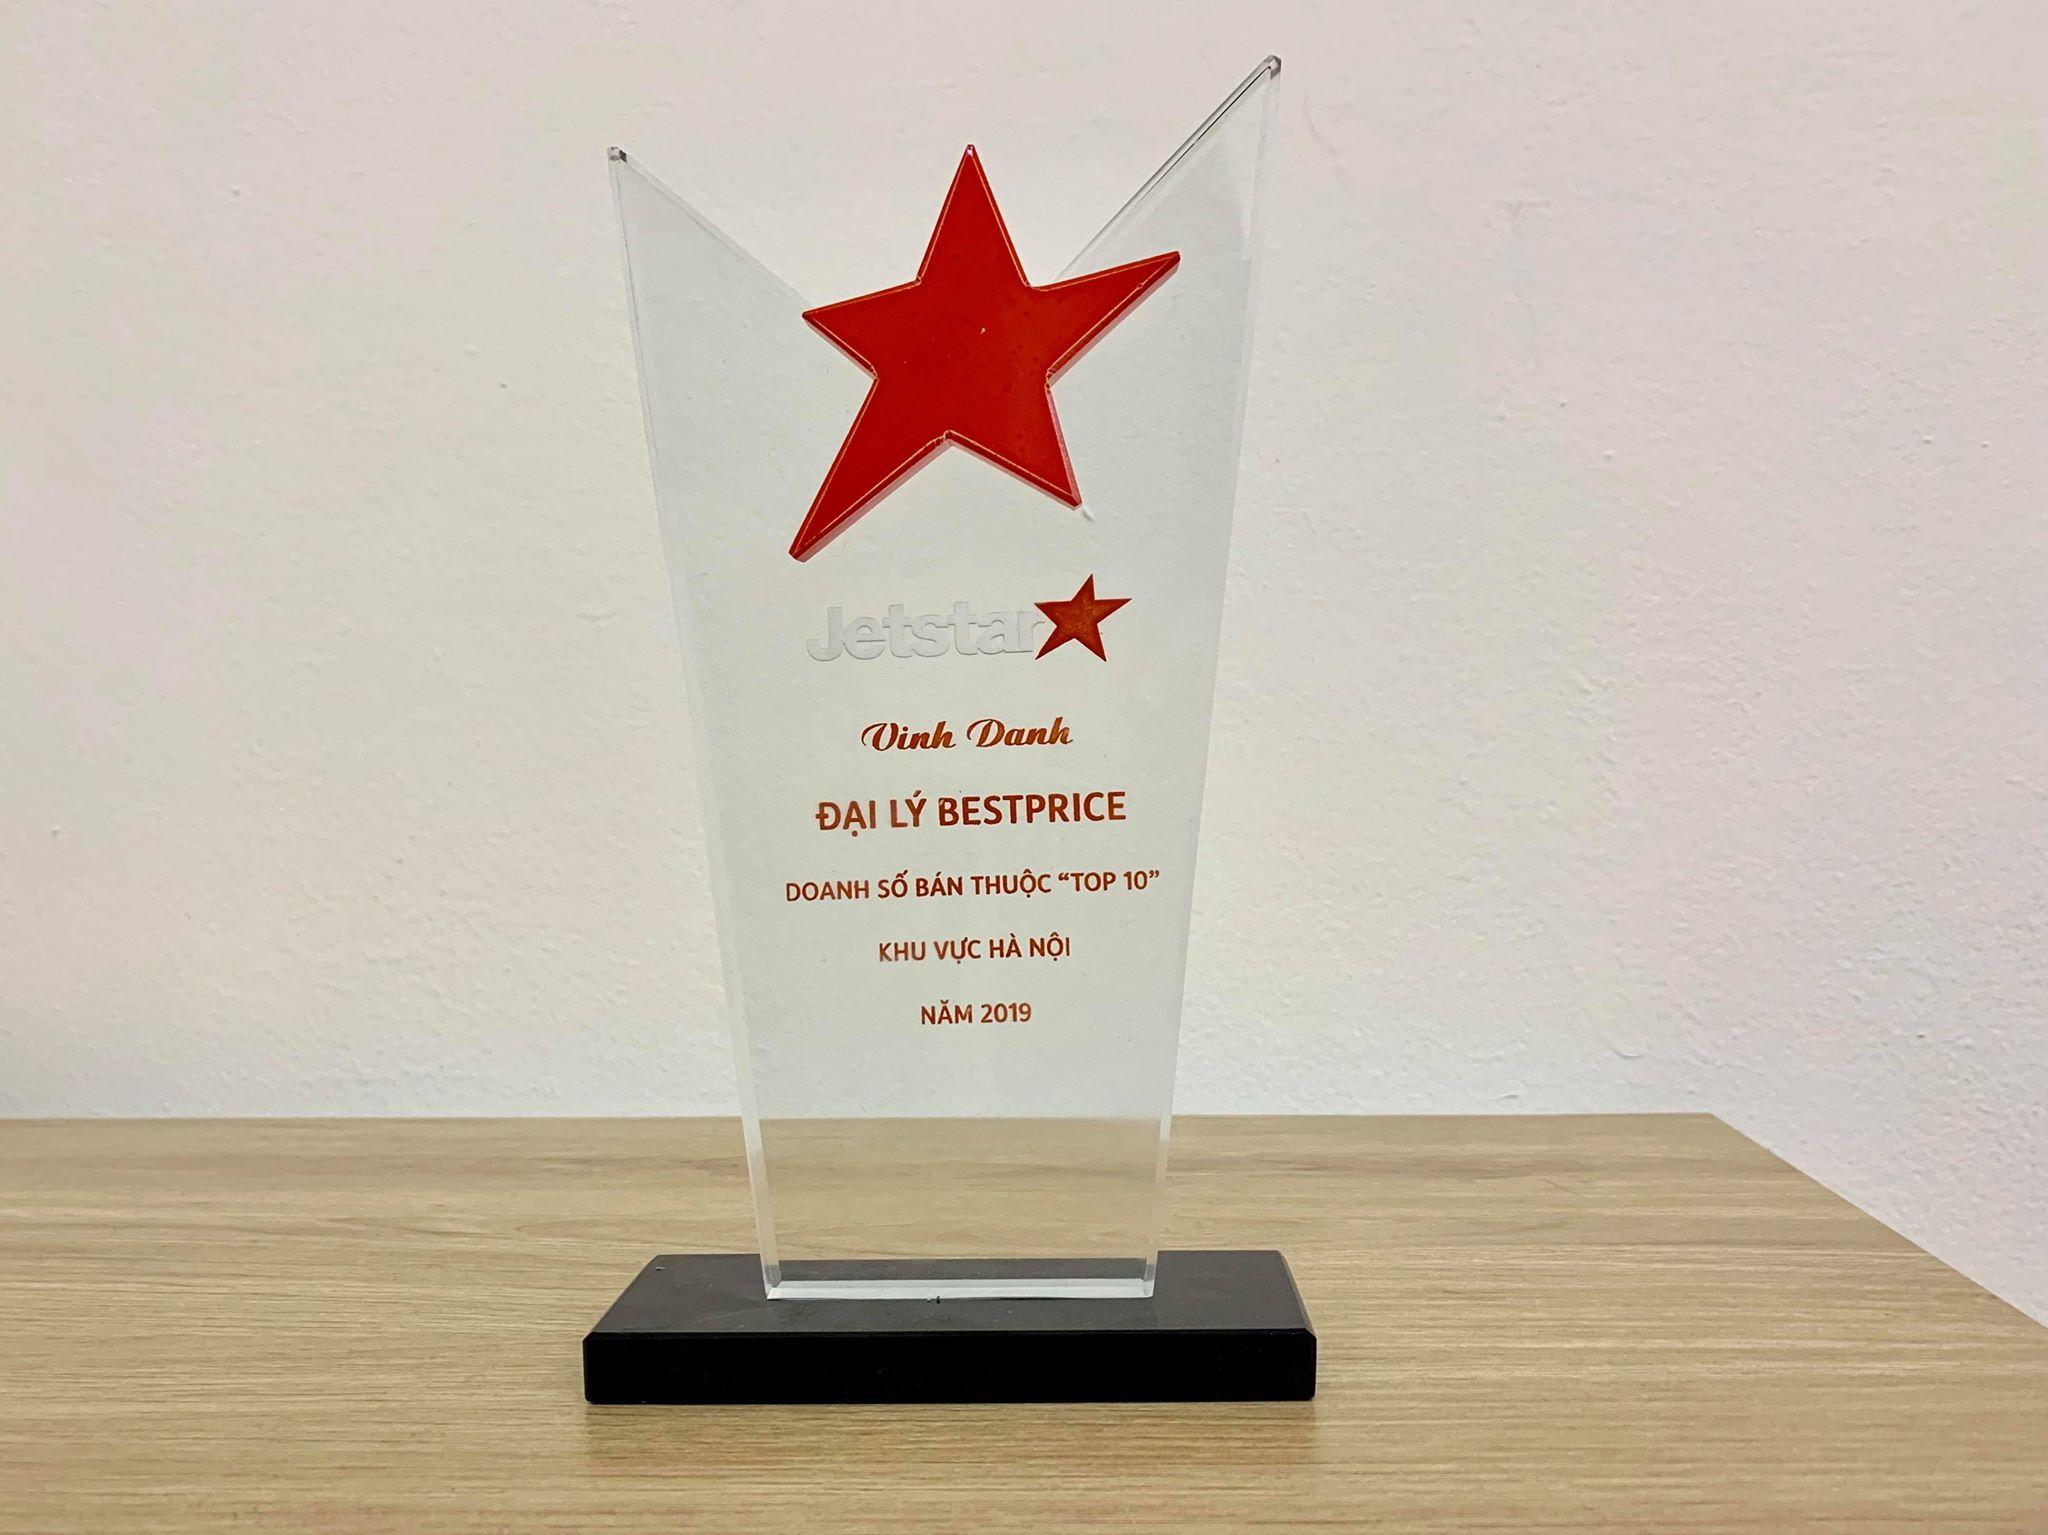 BestPrice - Top 10 đại lý vé máy bay Jetstar Pacific có doanh thu cao nhất năm 2019